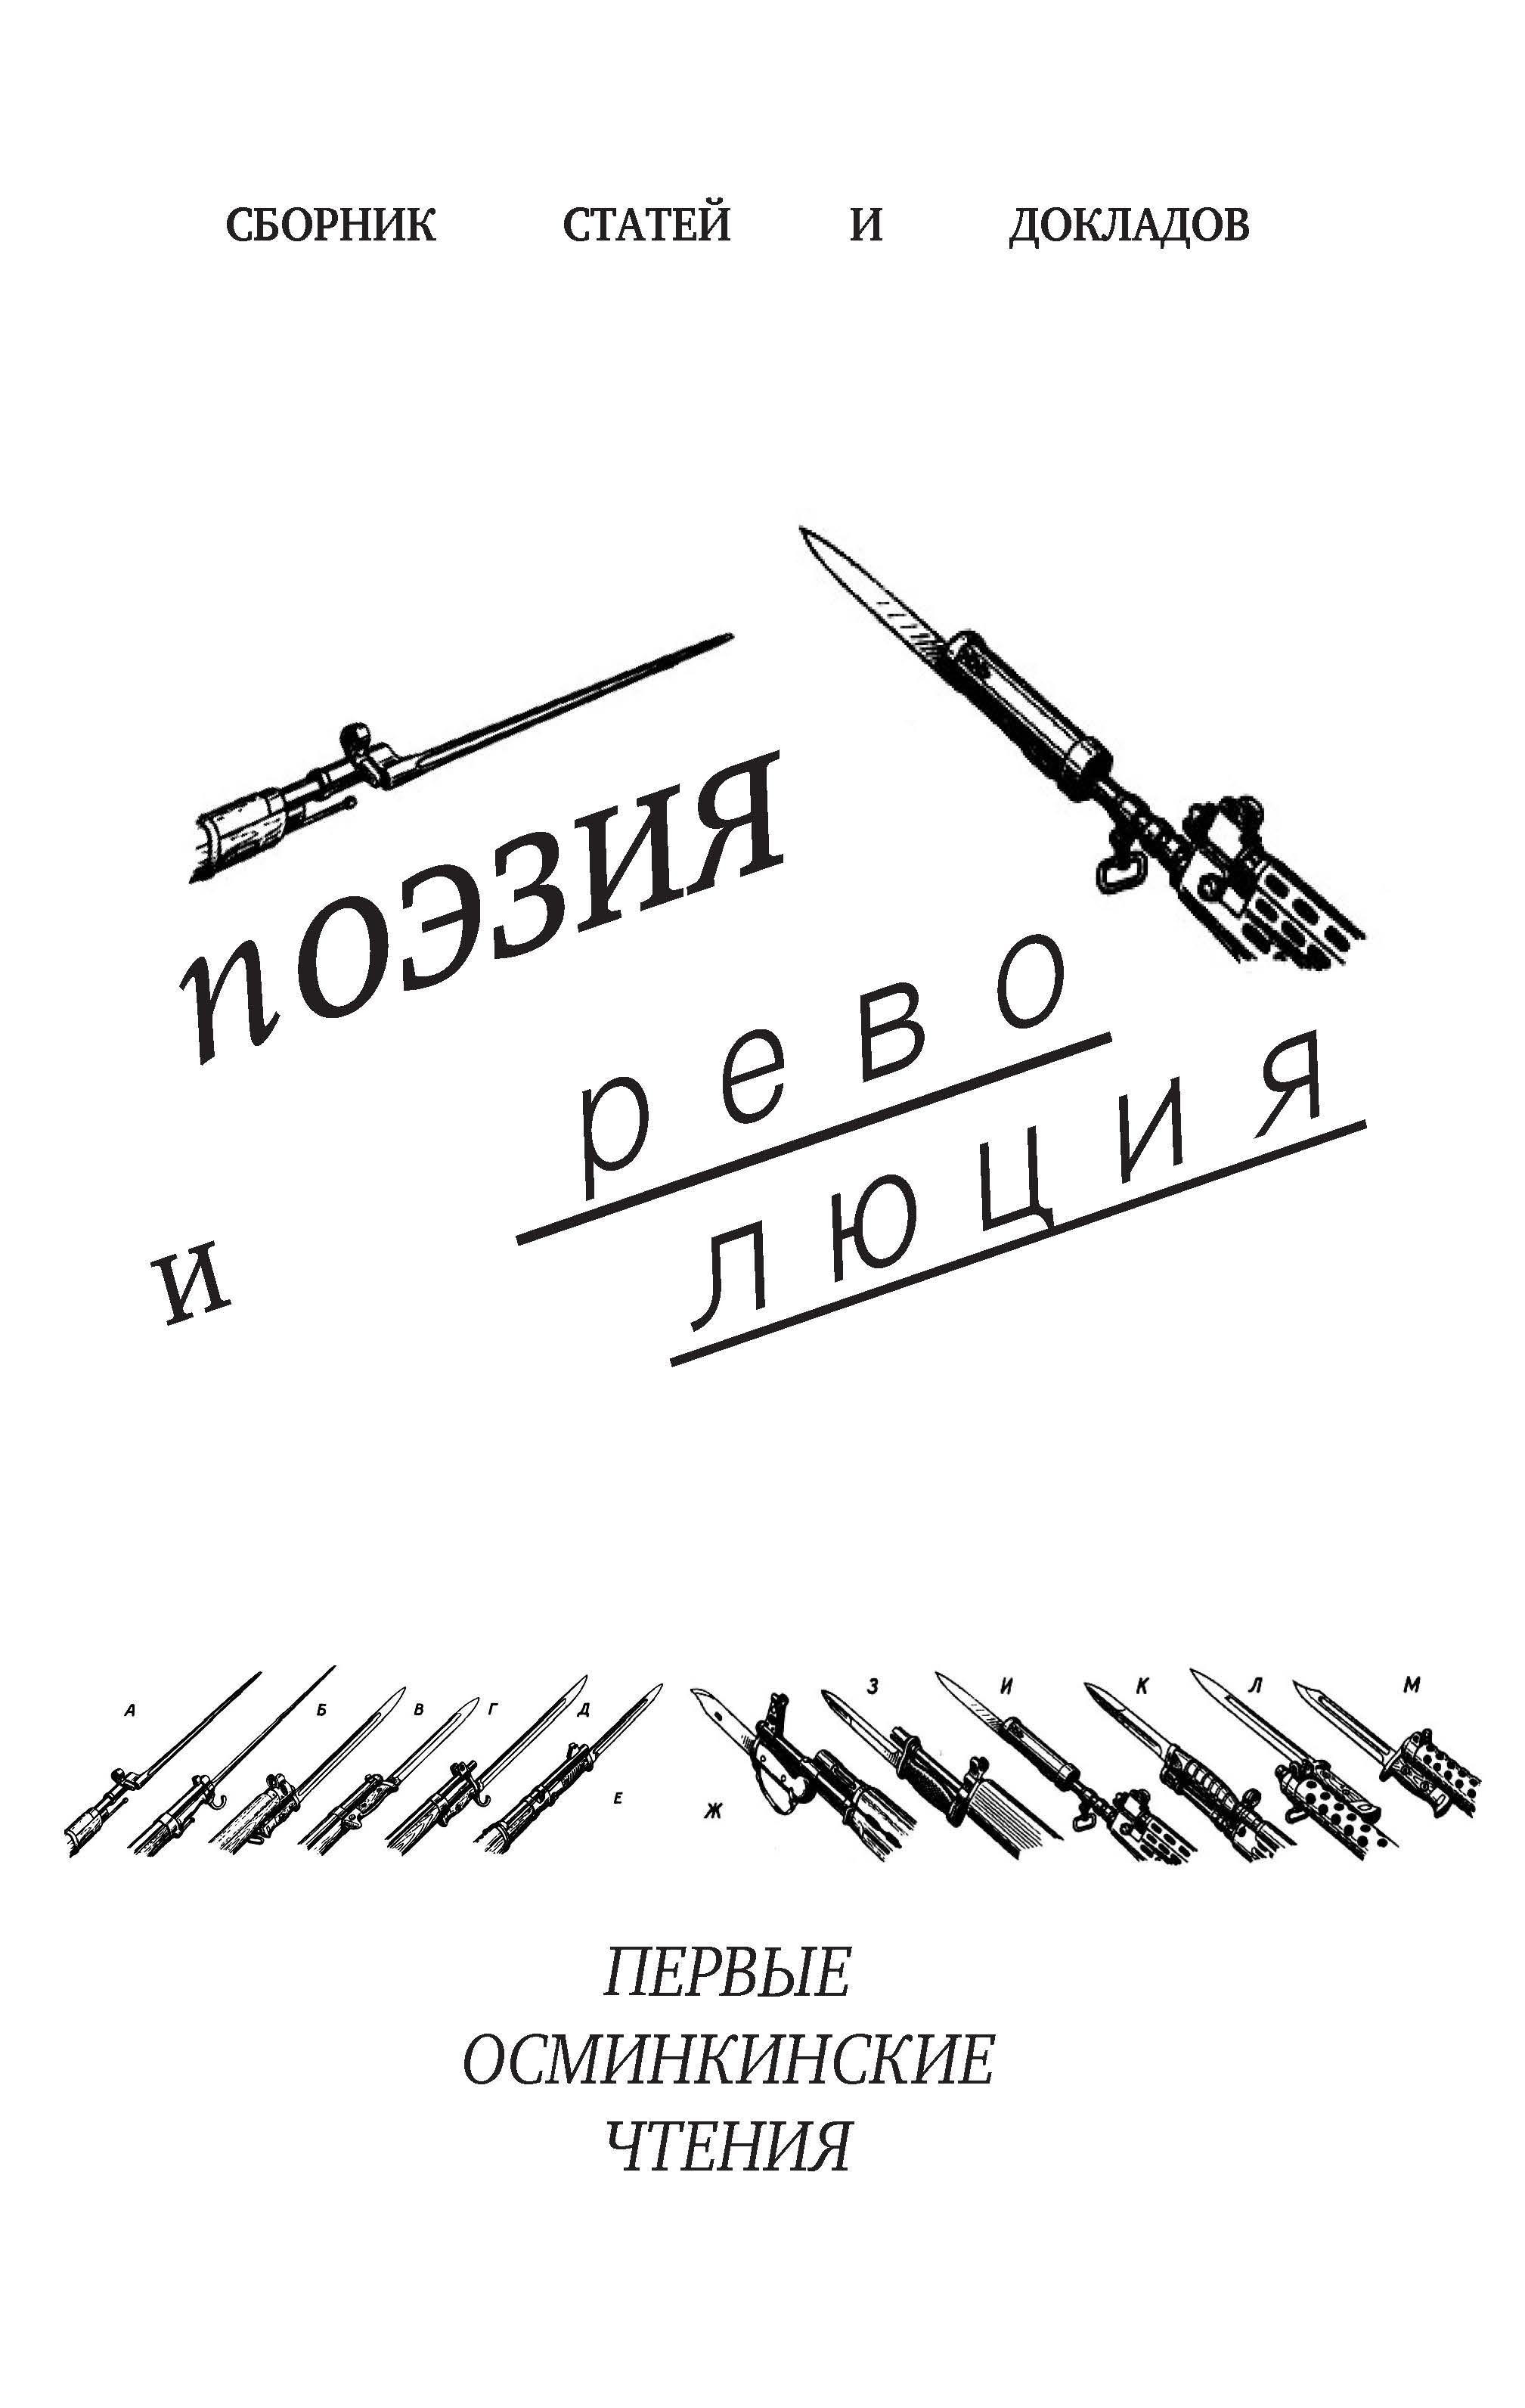 * ПОЭЗИЯ И РЕВОЛЮЦИЯ (1-е Осминкинские чтения): Междисциплинарный круглый стол и поэтические чтения, приуроченные к годов